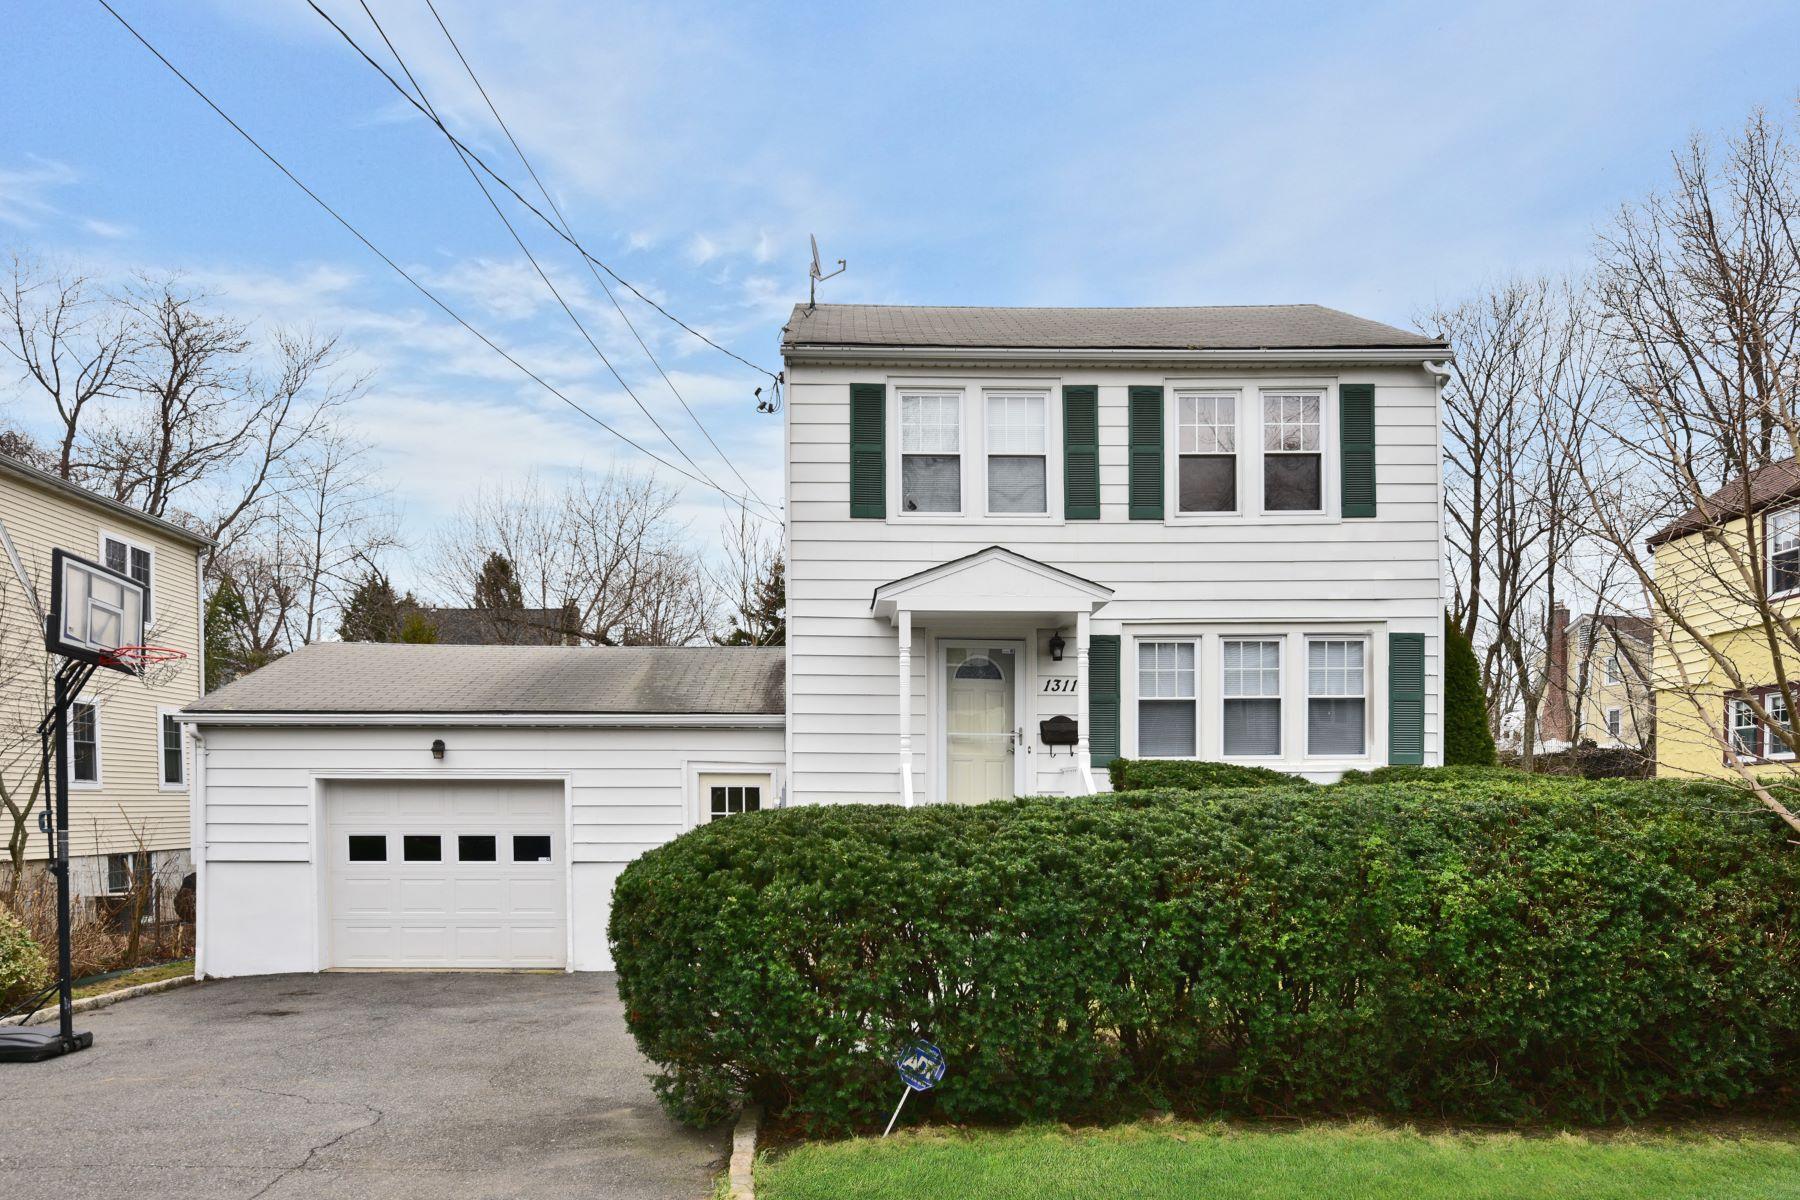 Casa Unifamiliar por un Venta en Something Wonderful 1311 Stoneybrook Avenue, Mamaroneck, Nueva York, 10543 Estados Unidos